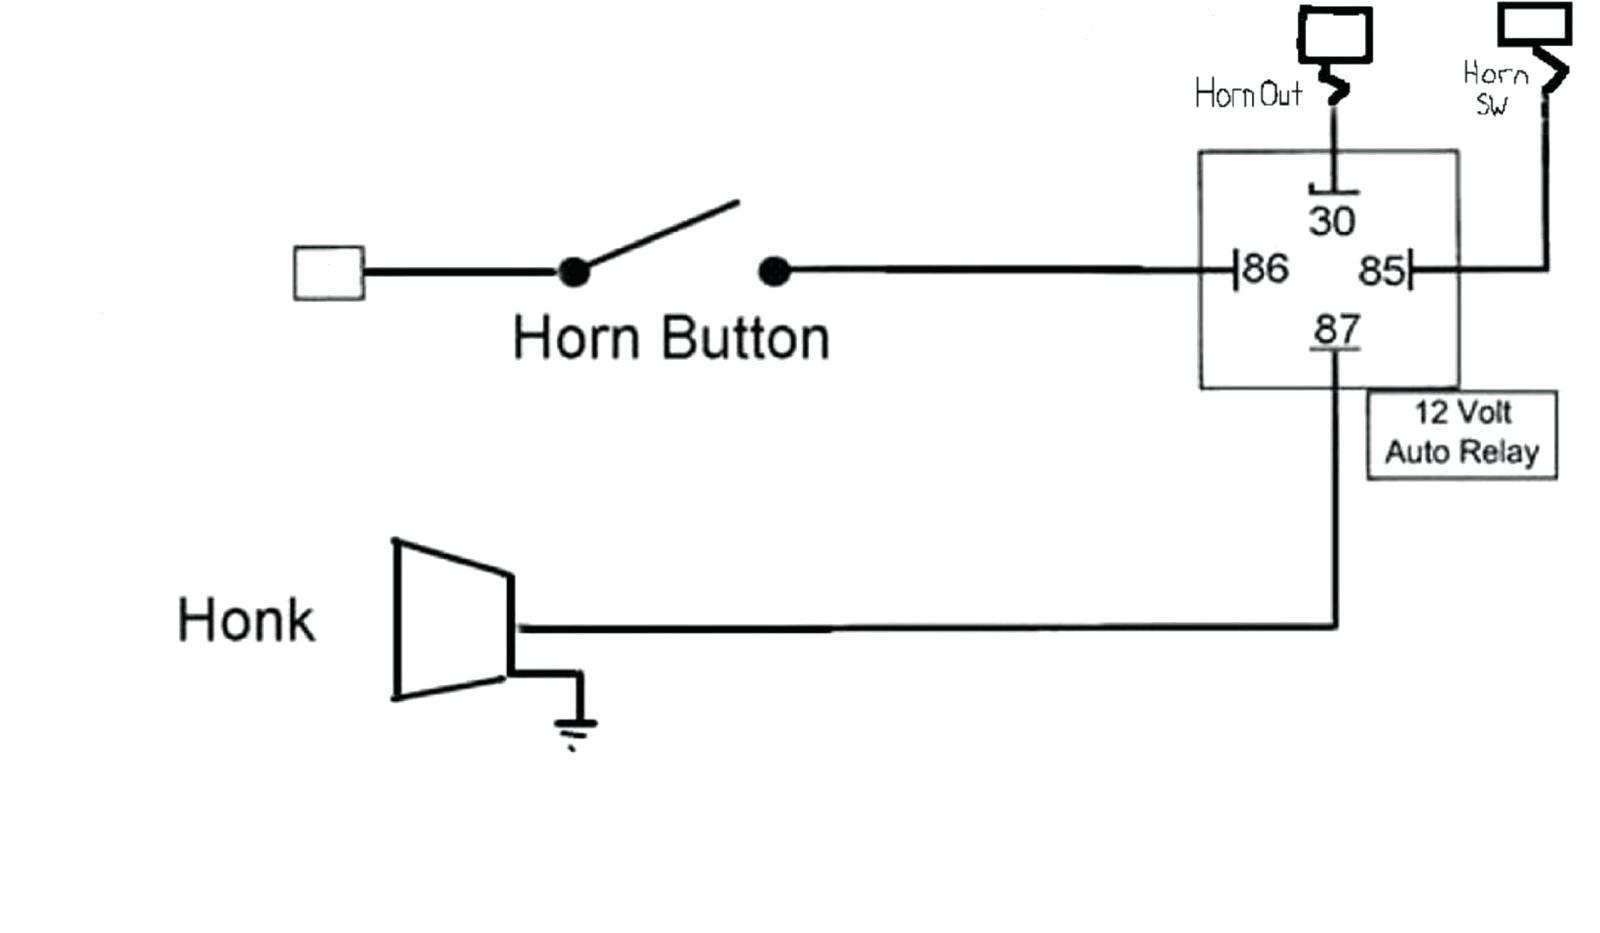 Automotive Horn Wiring - Wiring Diagram Data